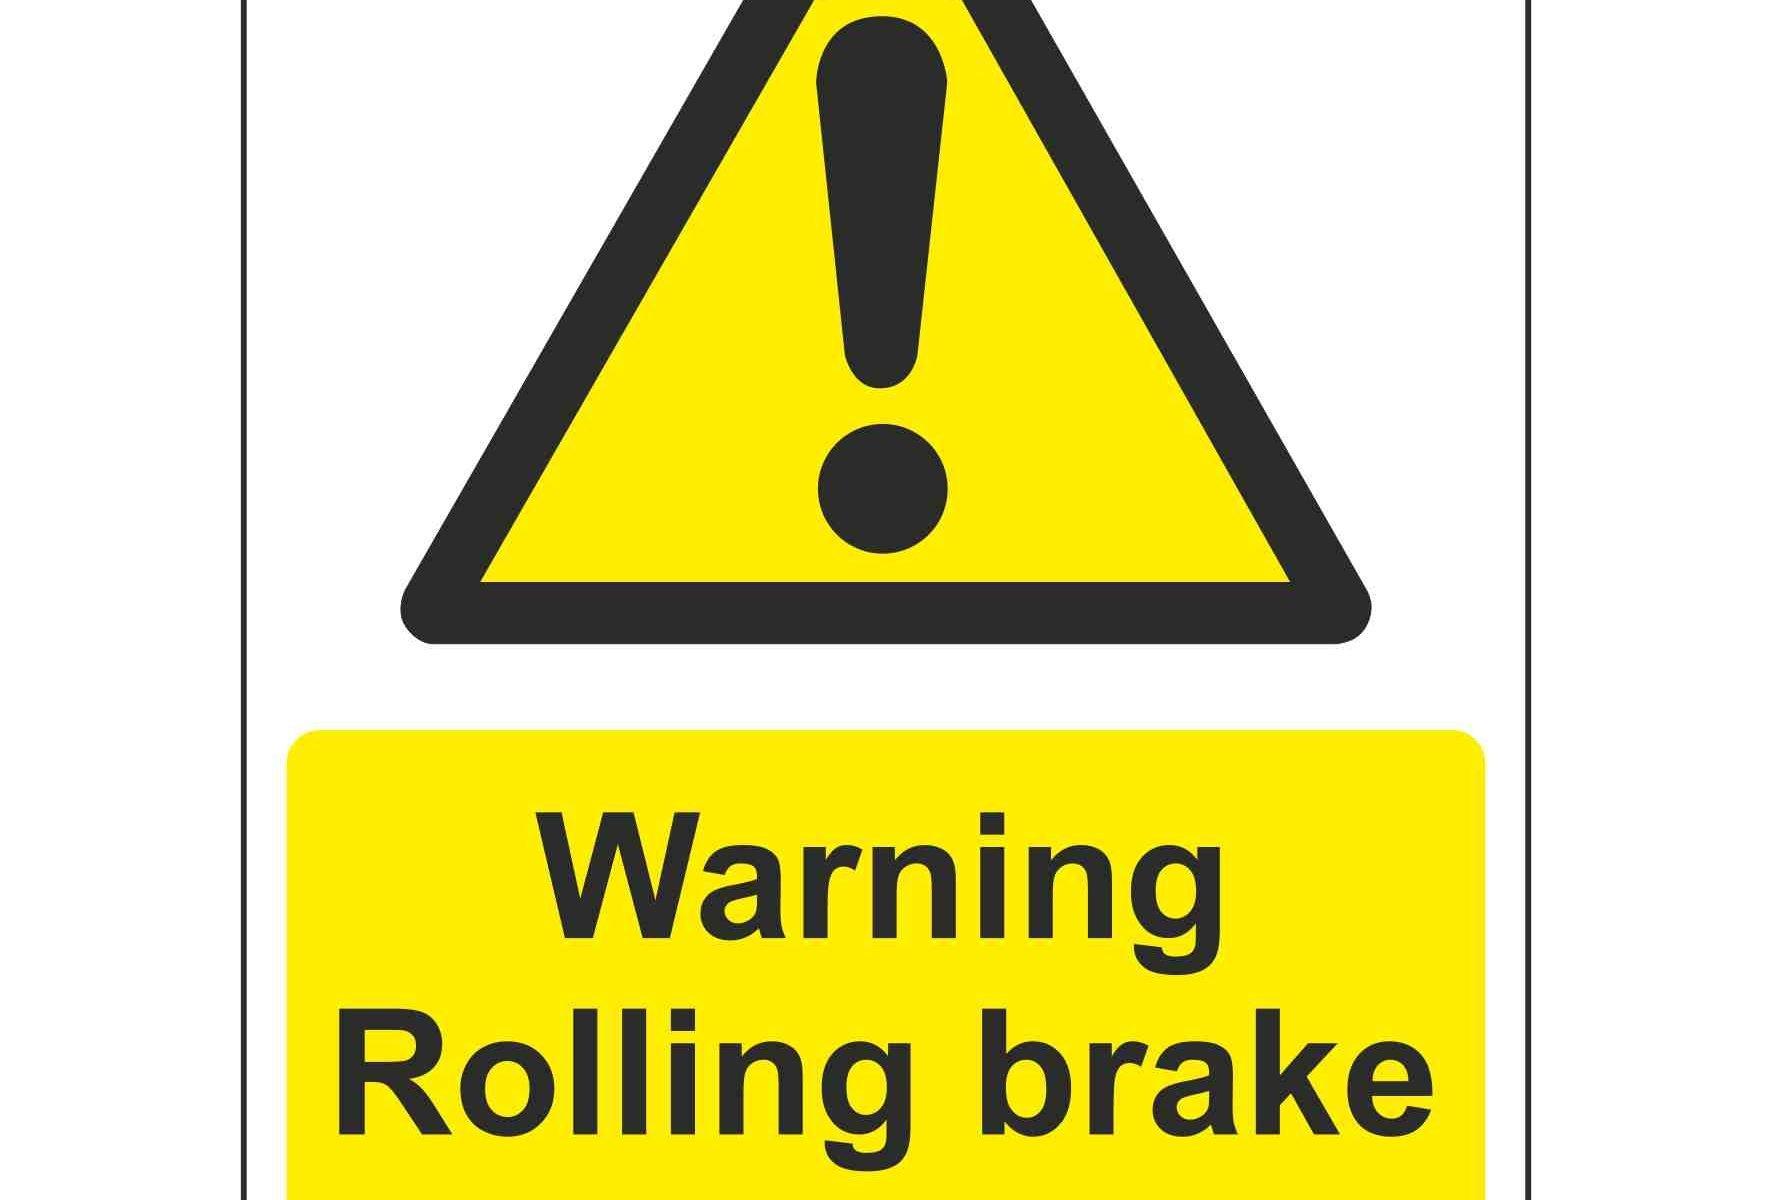 Warning Rolling brake tester